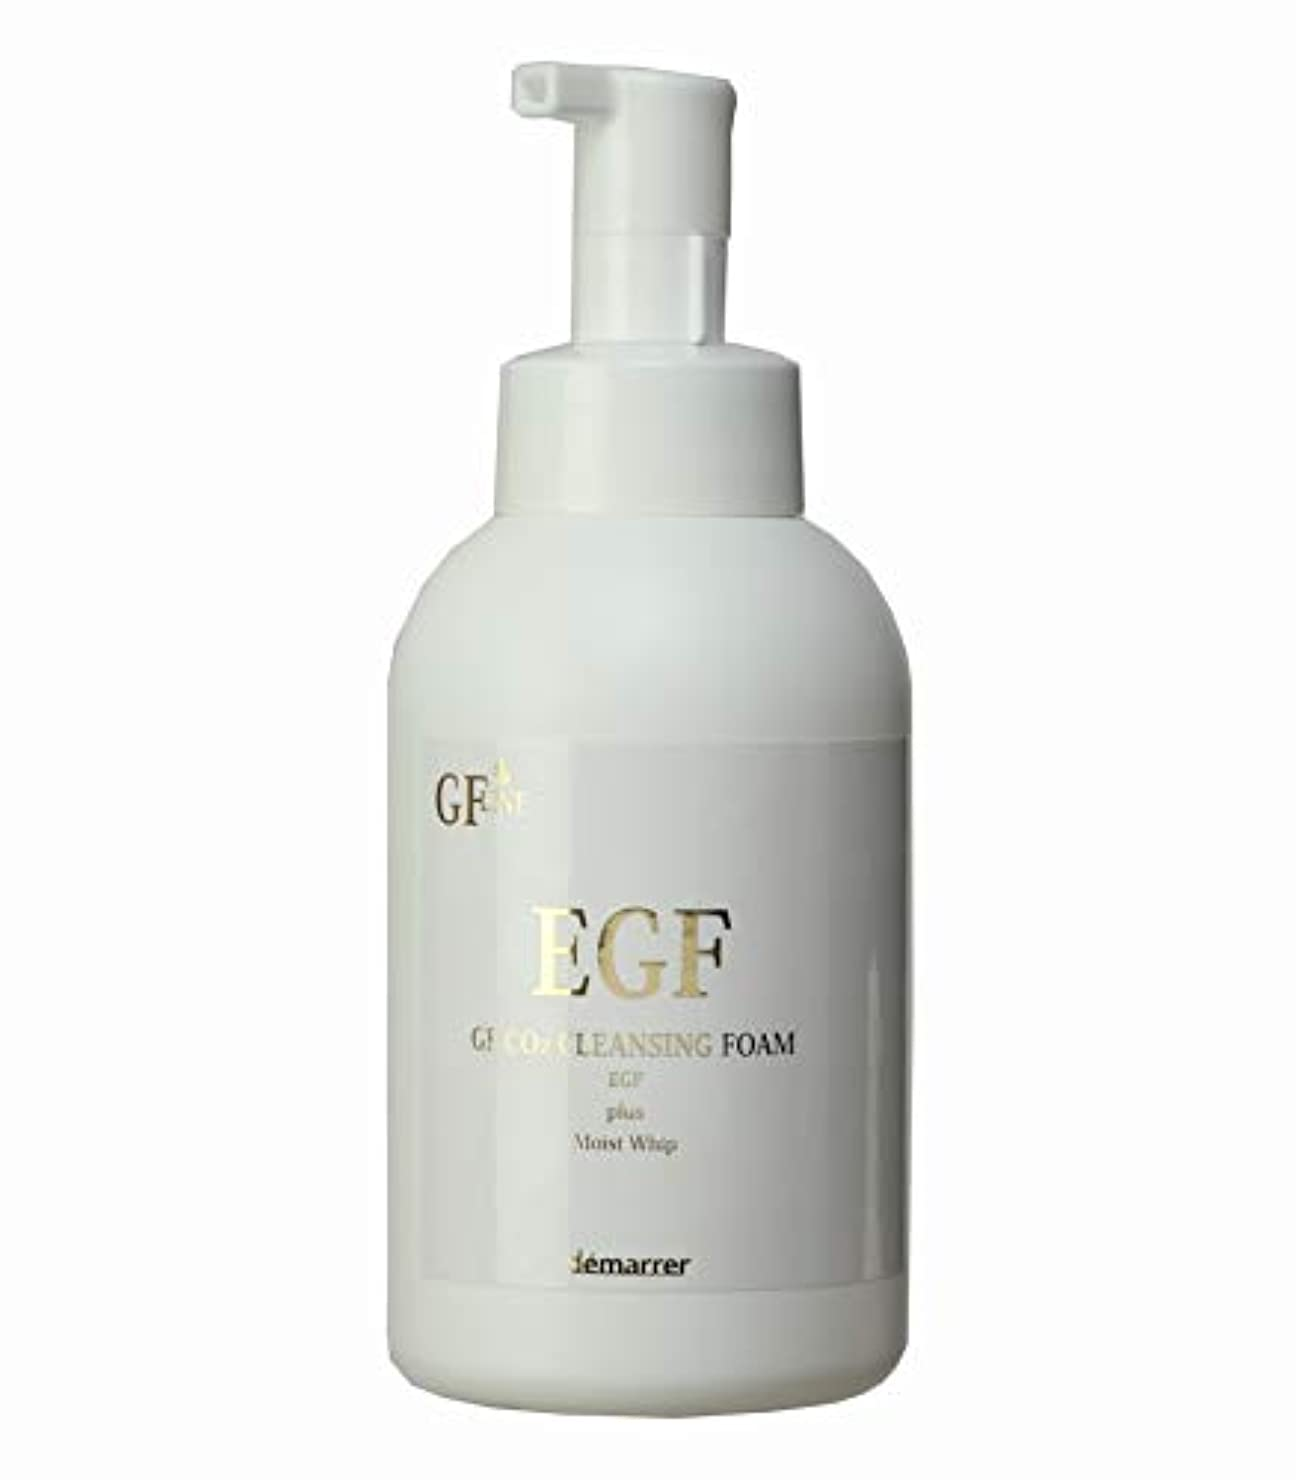 妊娠したインシュレータアドバンテージデマレ GF炭酸洗顔フォーム 500ml